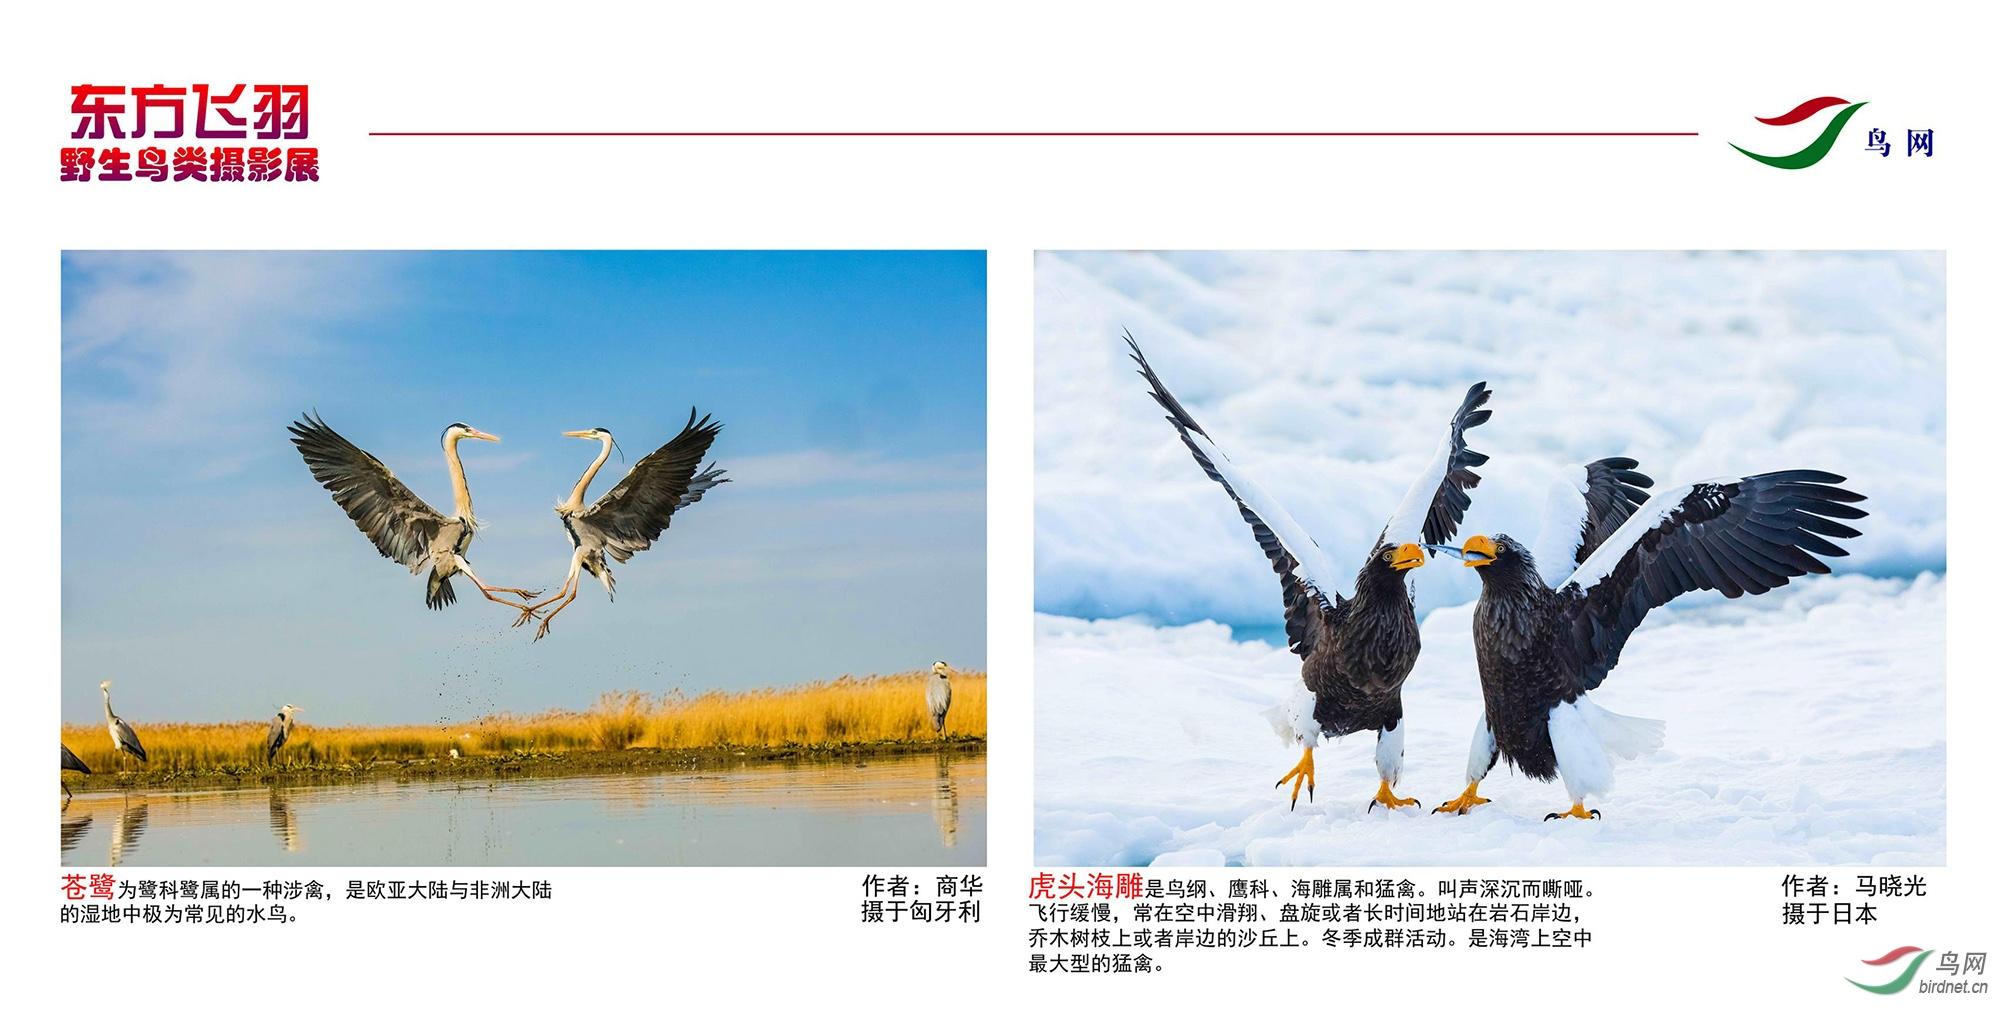 1_东方明珠摄影展照片_12.jpg